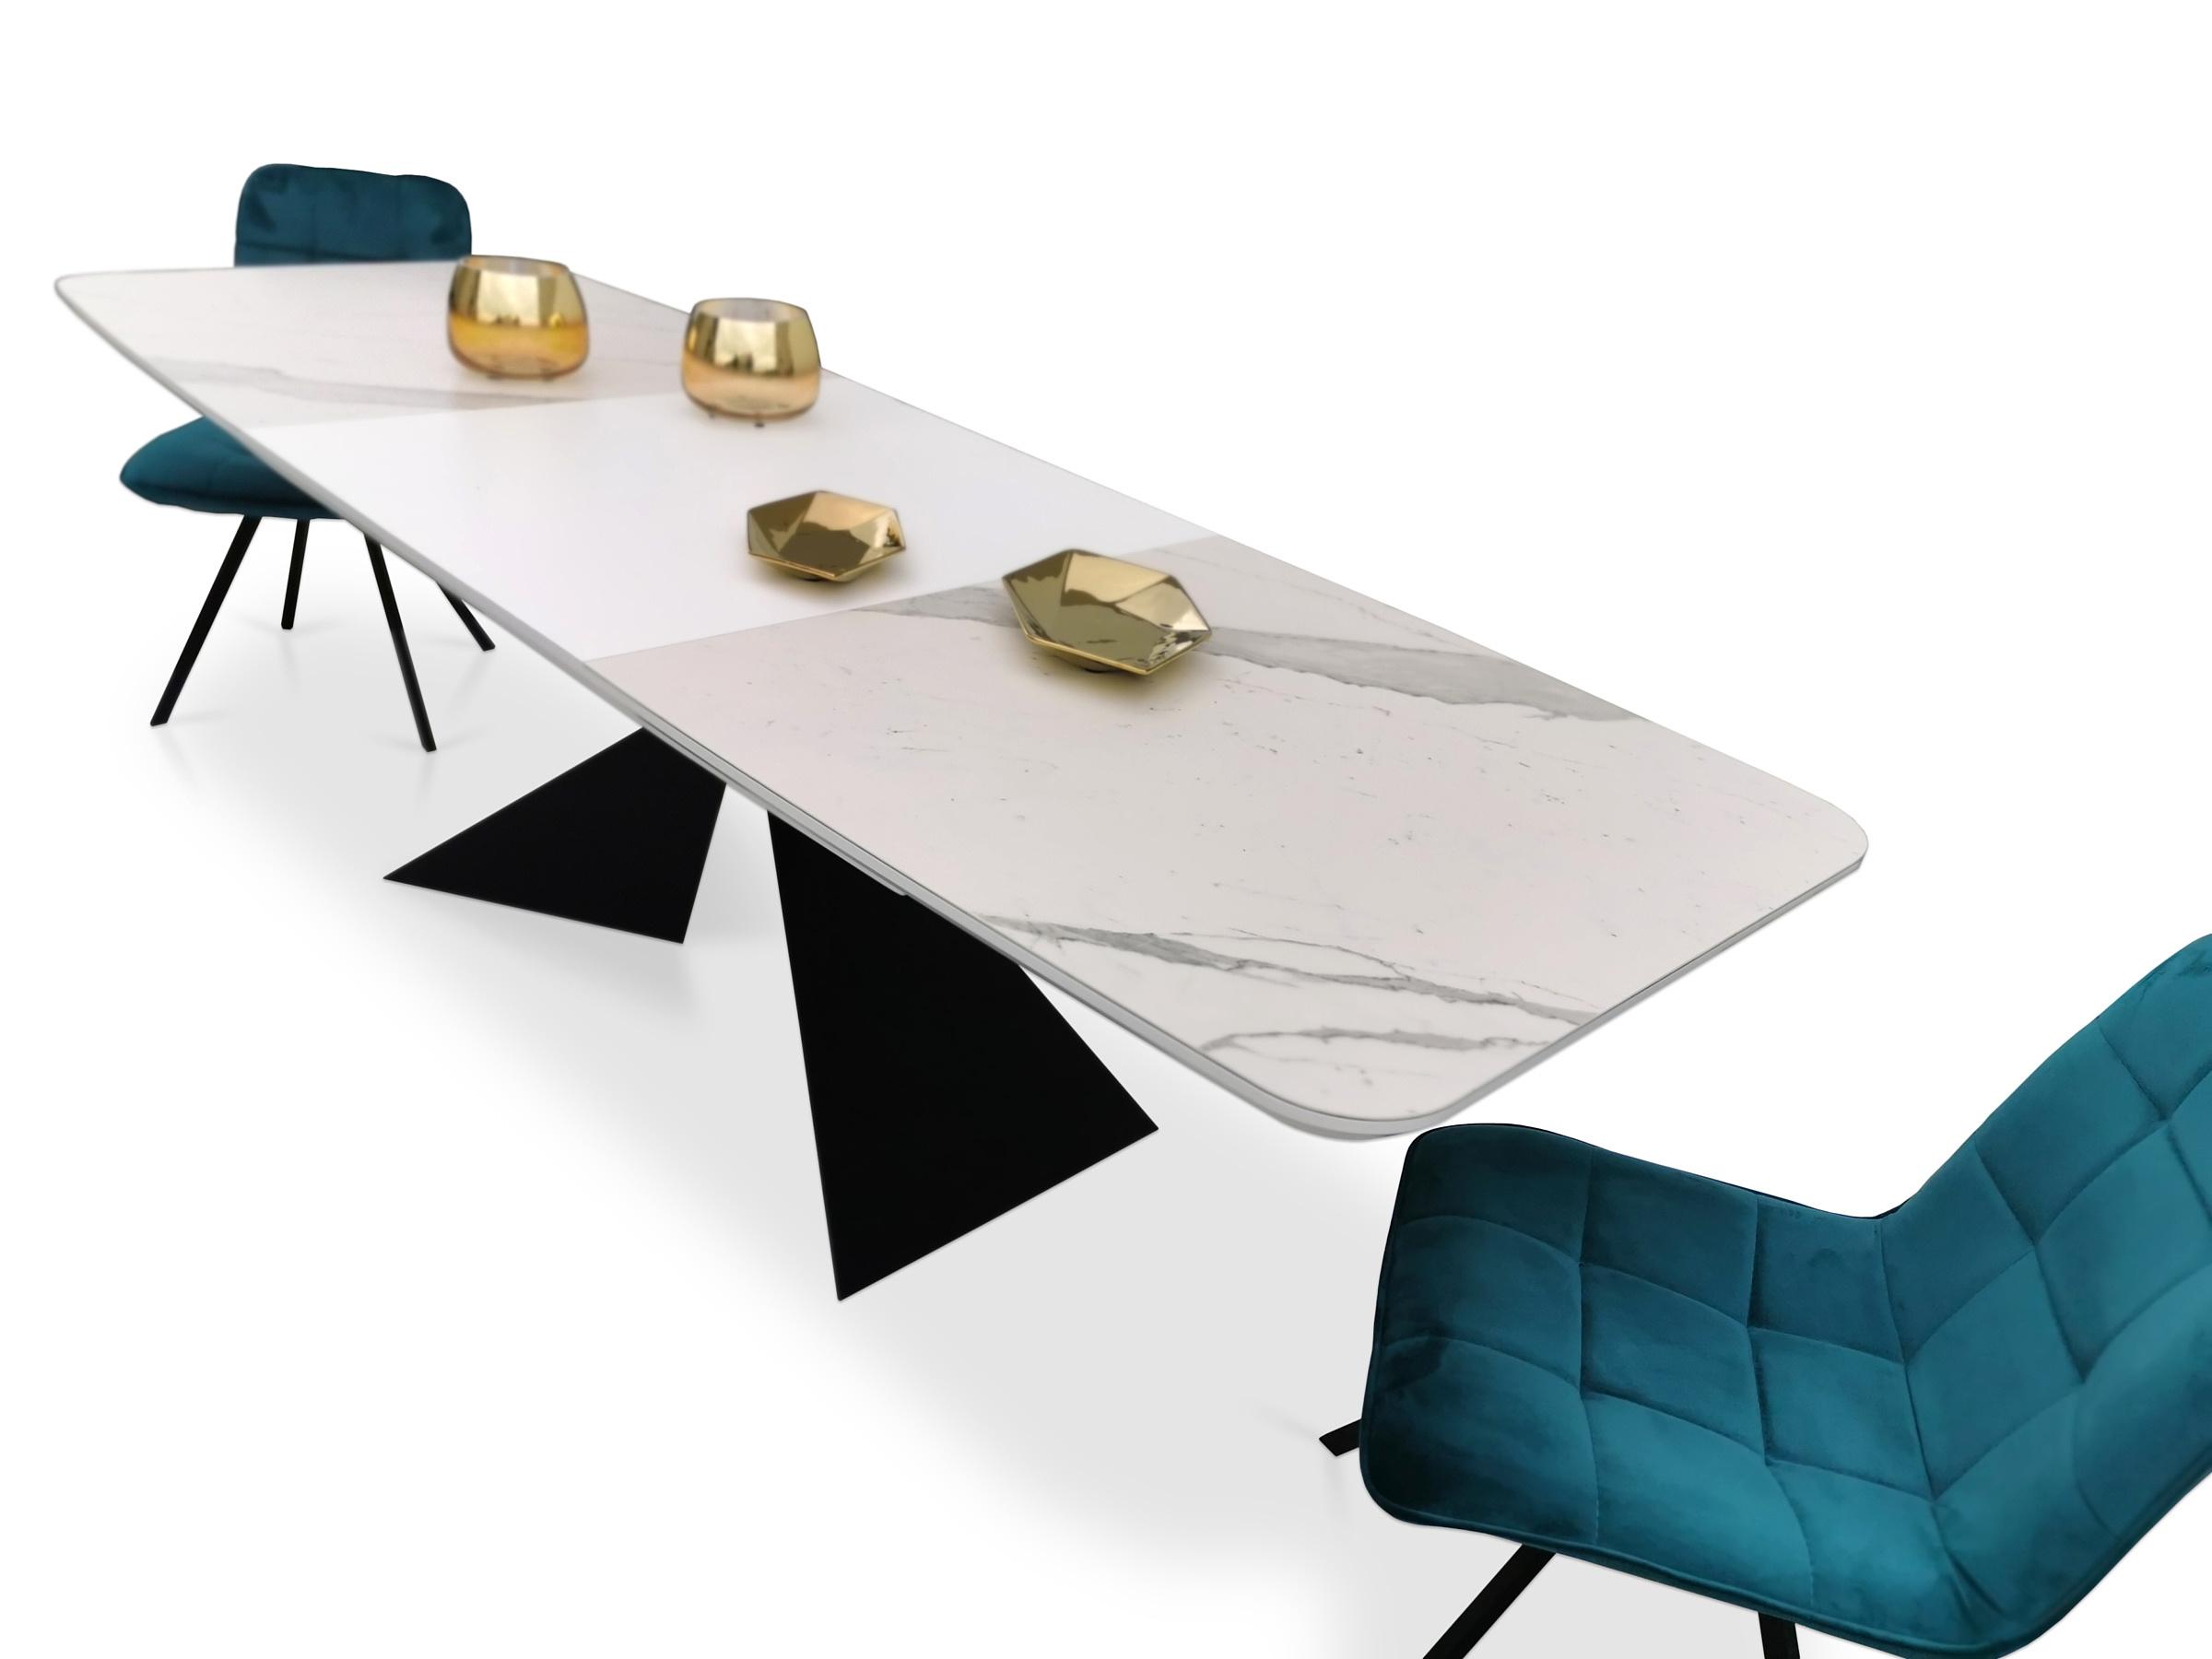 Stól z nowoczesnymi krzesłami koloru niebieskiego w materiale styl loftowy